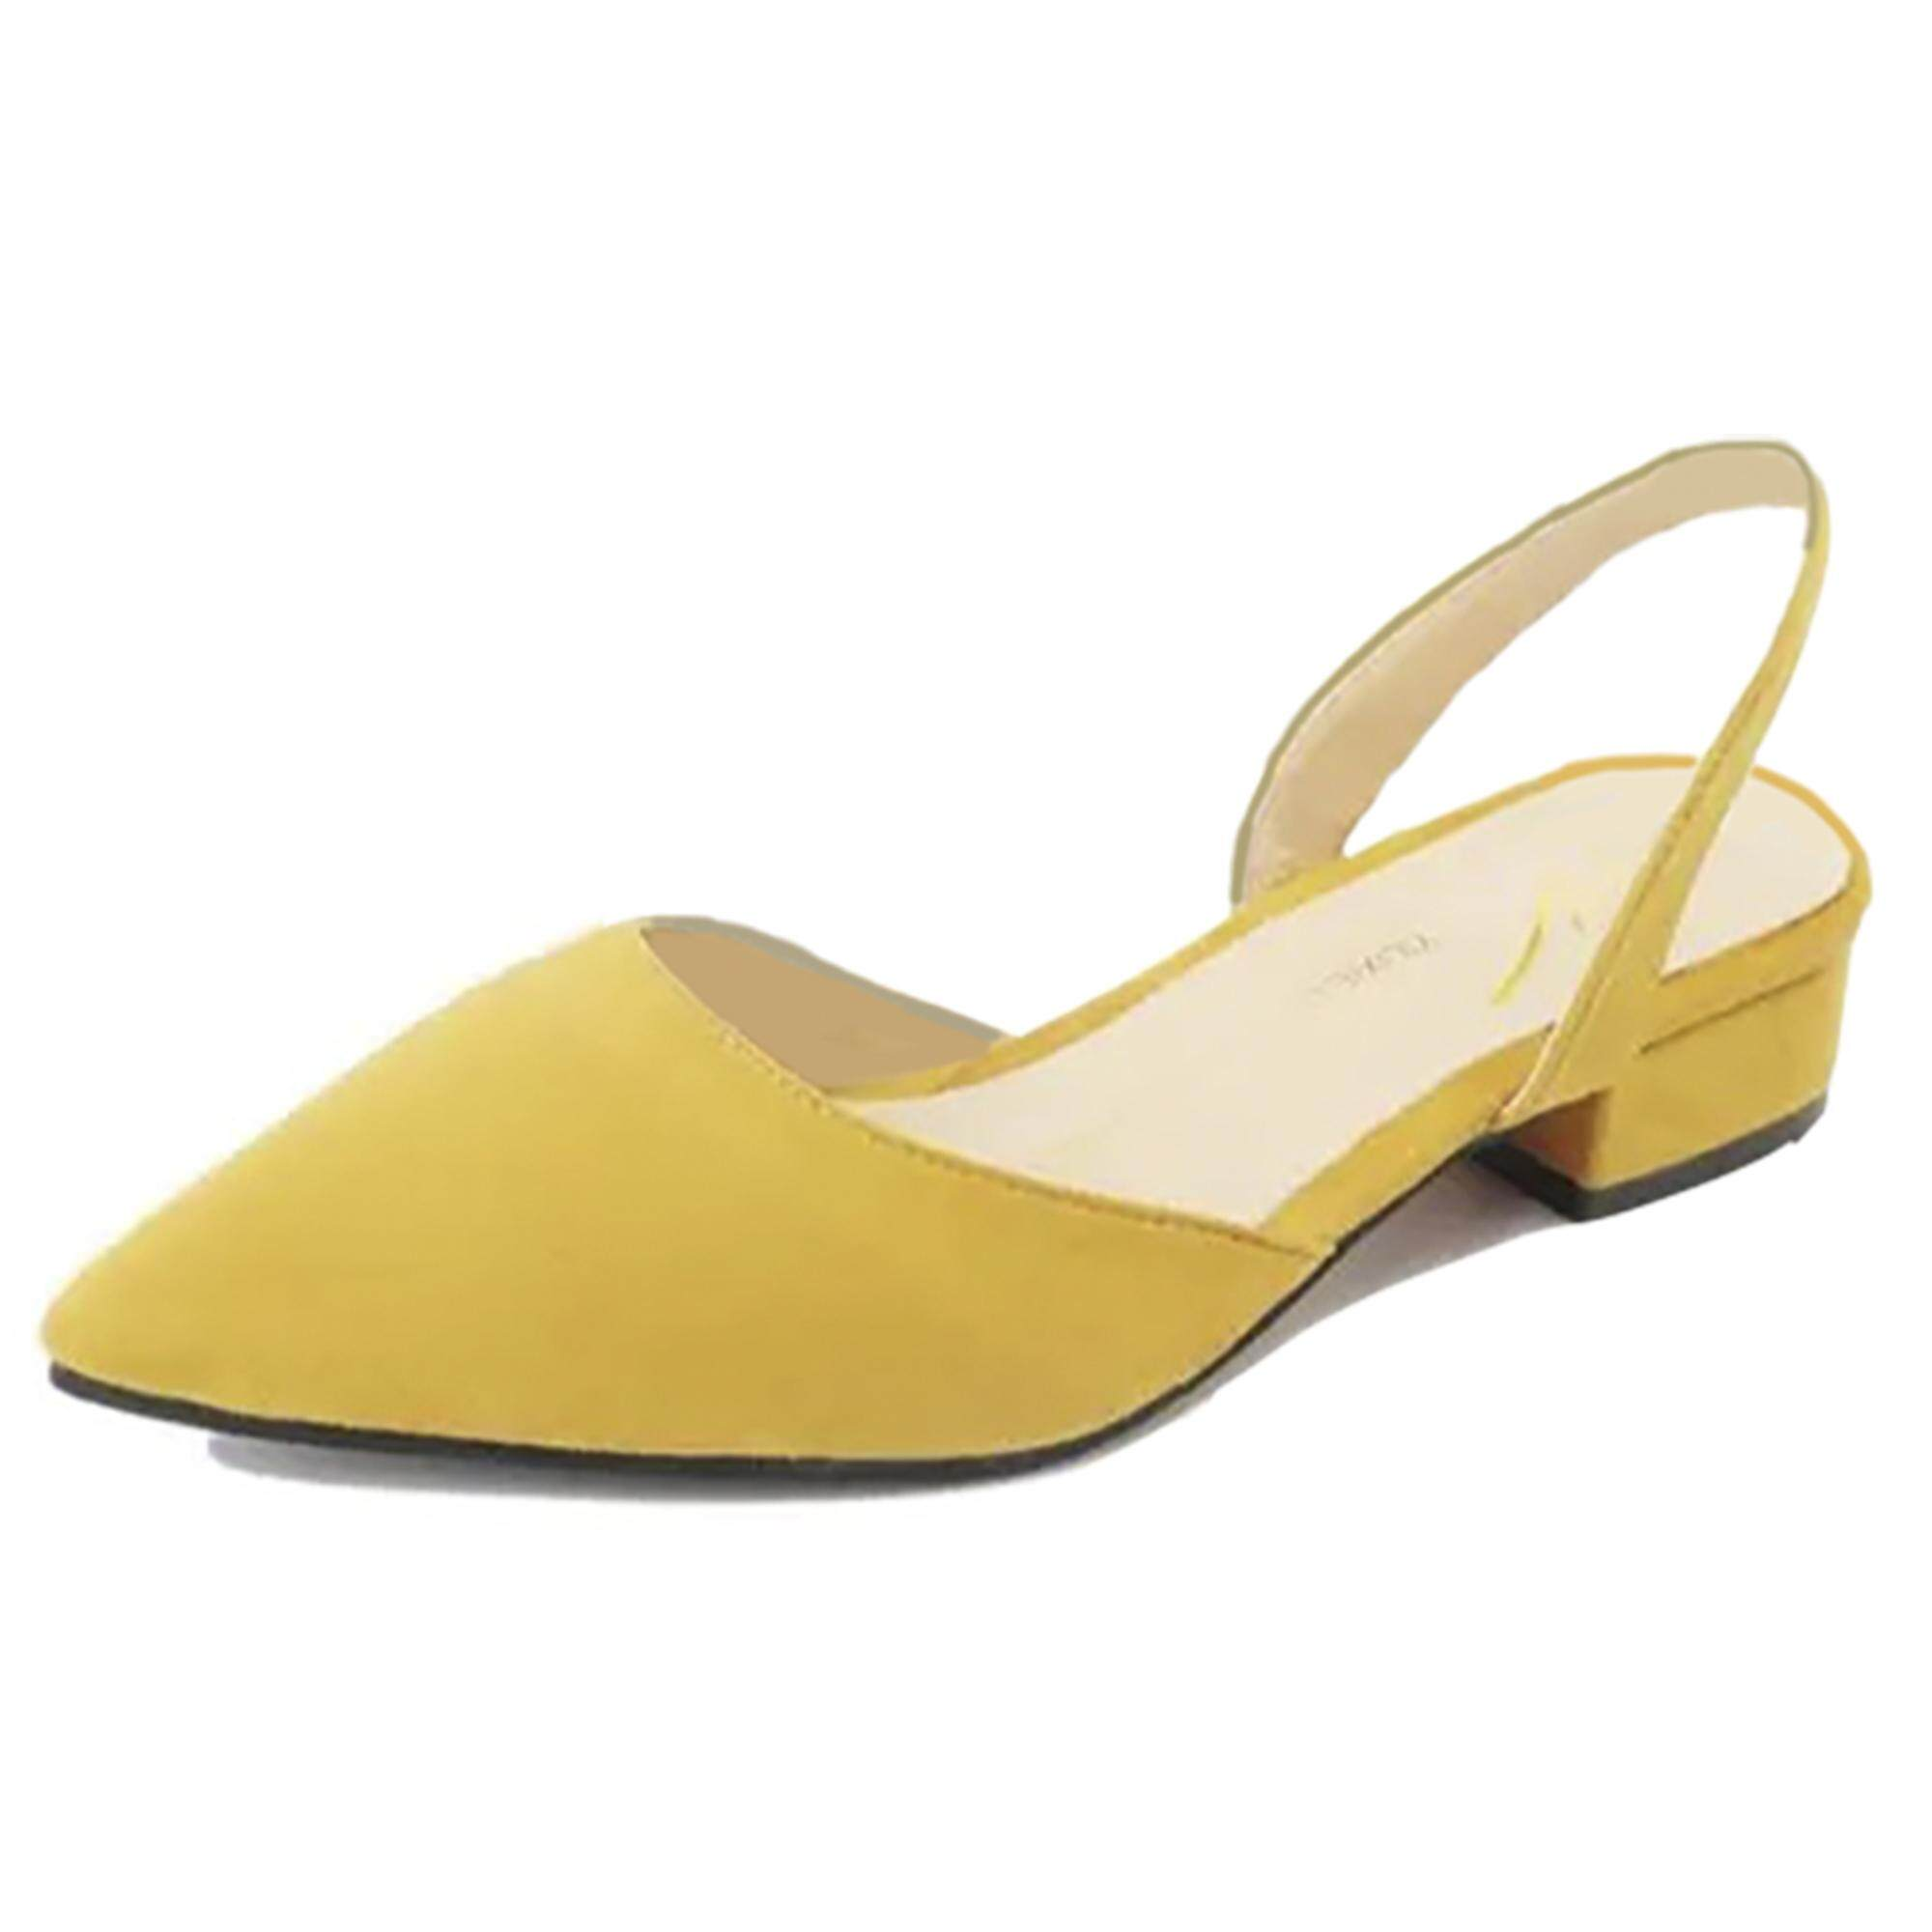 d48bde53e Flat Shoes - Buy Womens Flat Shoes